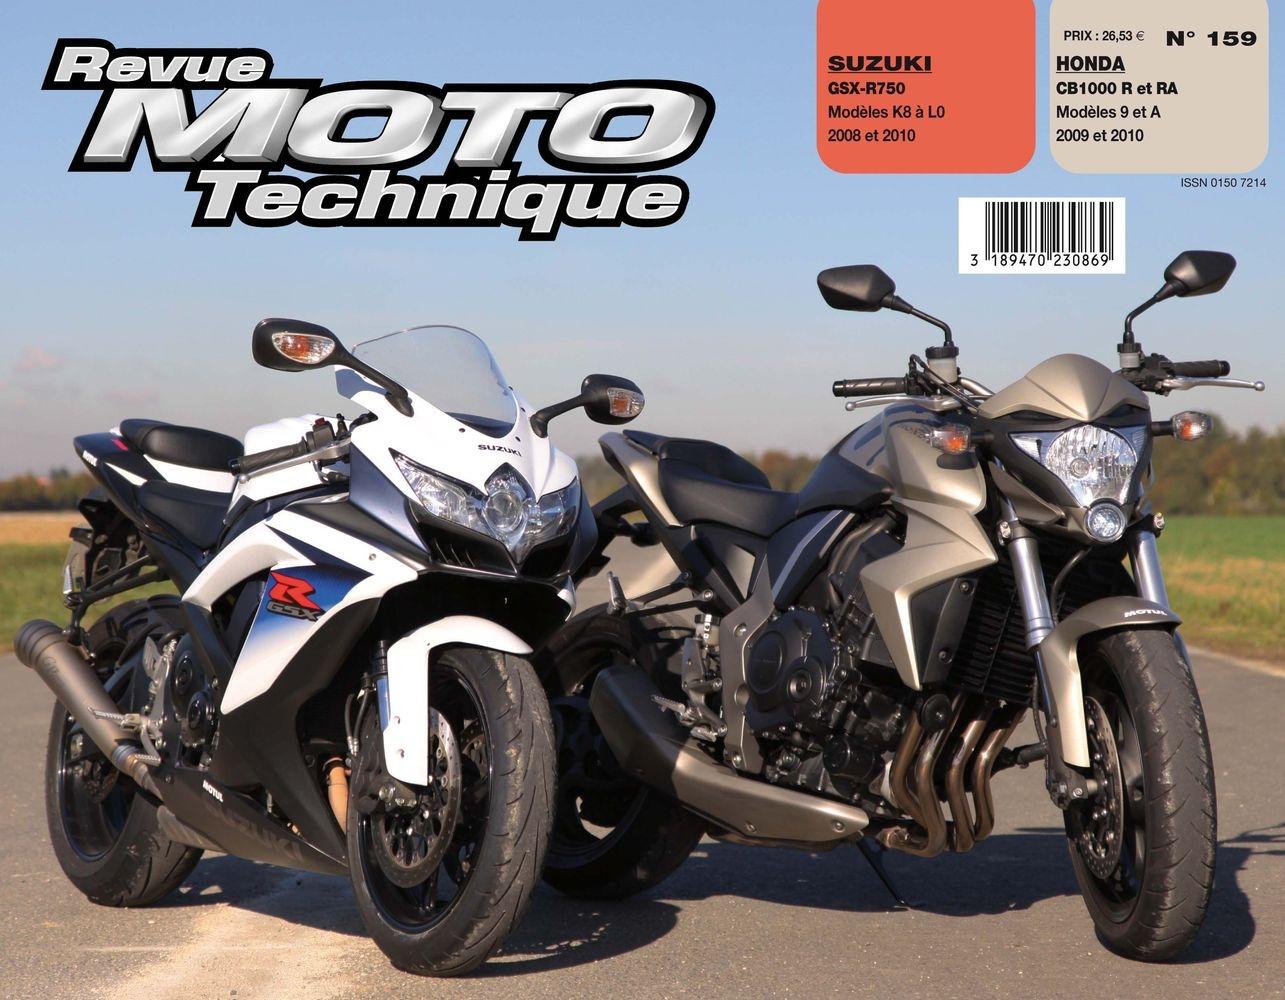 Revue Moto Technique 159.1 Honda CB 1000R / Suzuki GSX-R 750